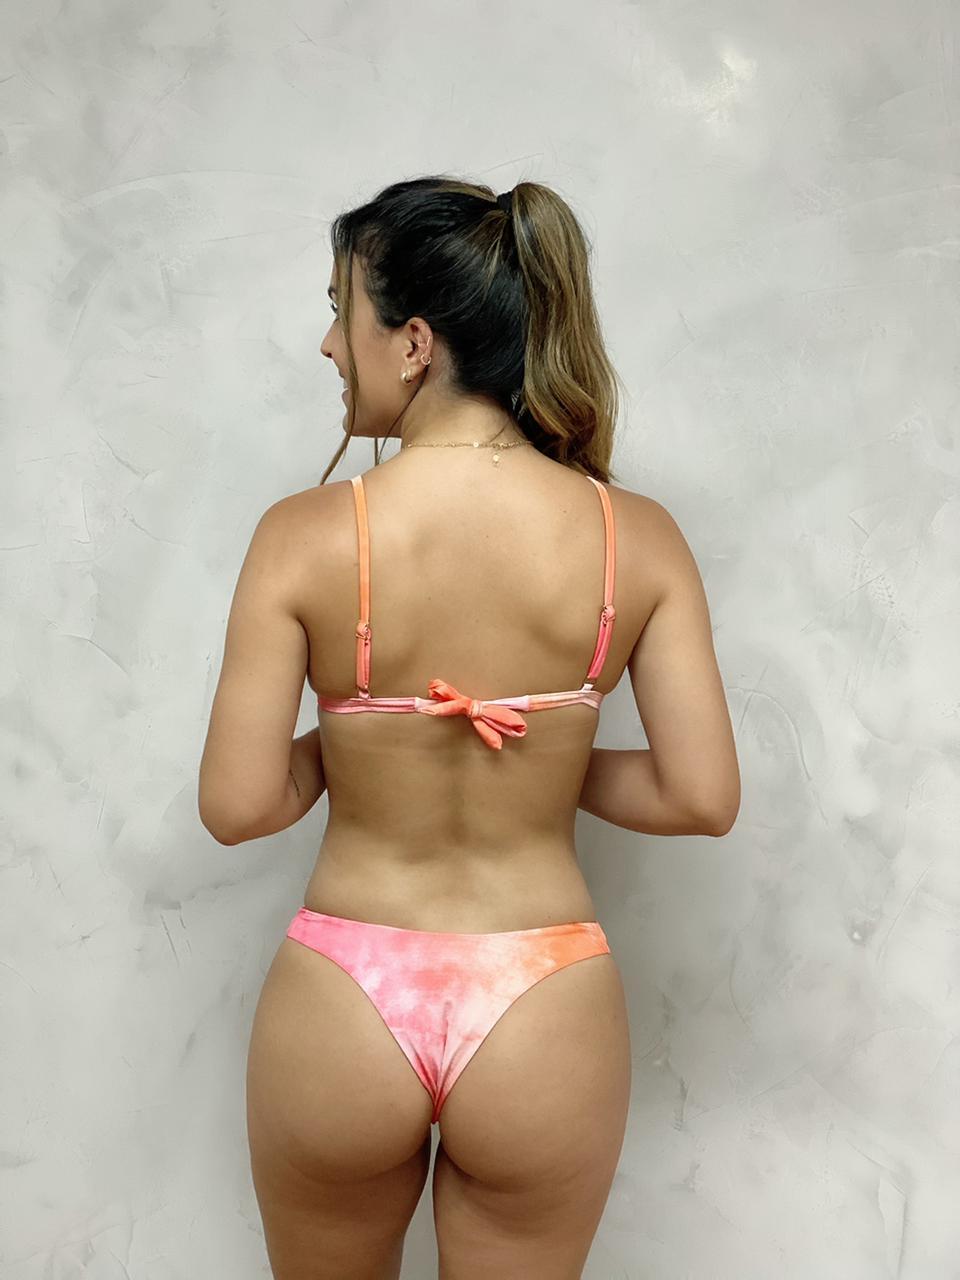 Calcinha Asa Delta Dupla Tie Dye   - RMCE BRAZIL